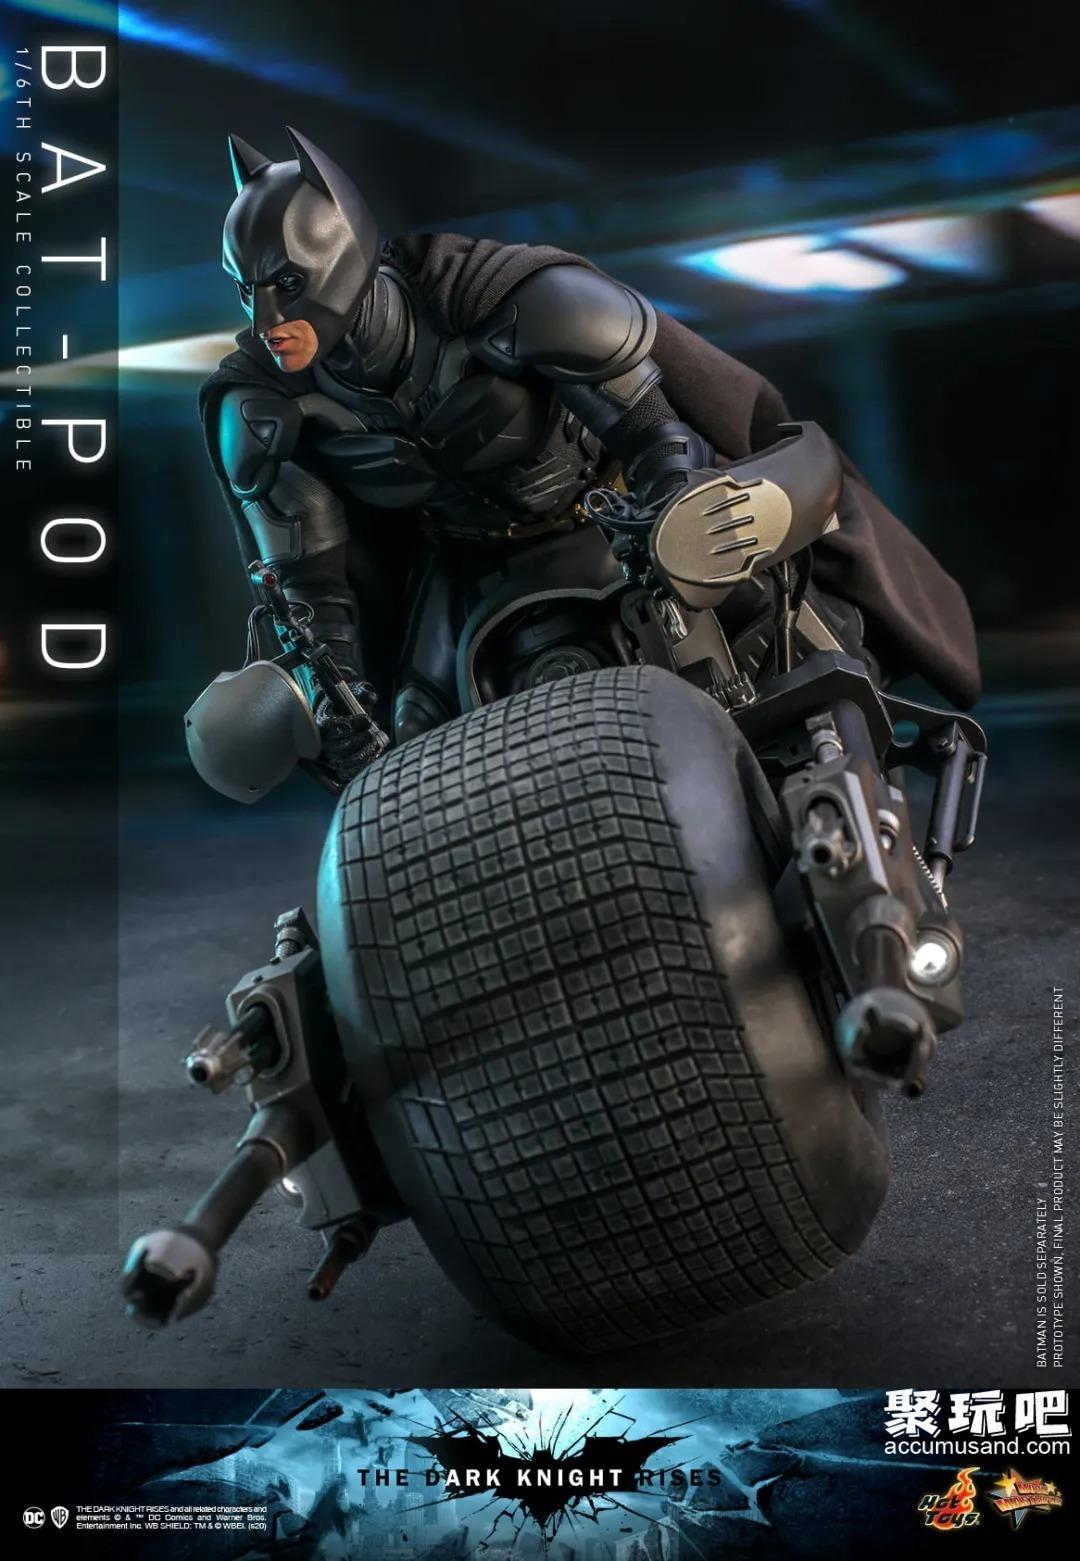 HotToys《蝙蝠侠:黑暗骑士崛起》蝙蝠侠1/6可动手办,配件相当丰富,还有酷炫的蝙蝠车